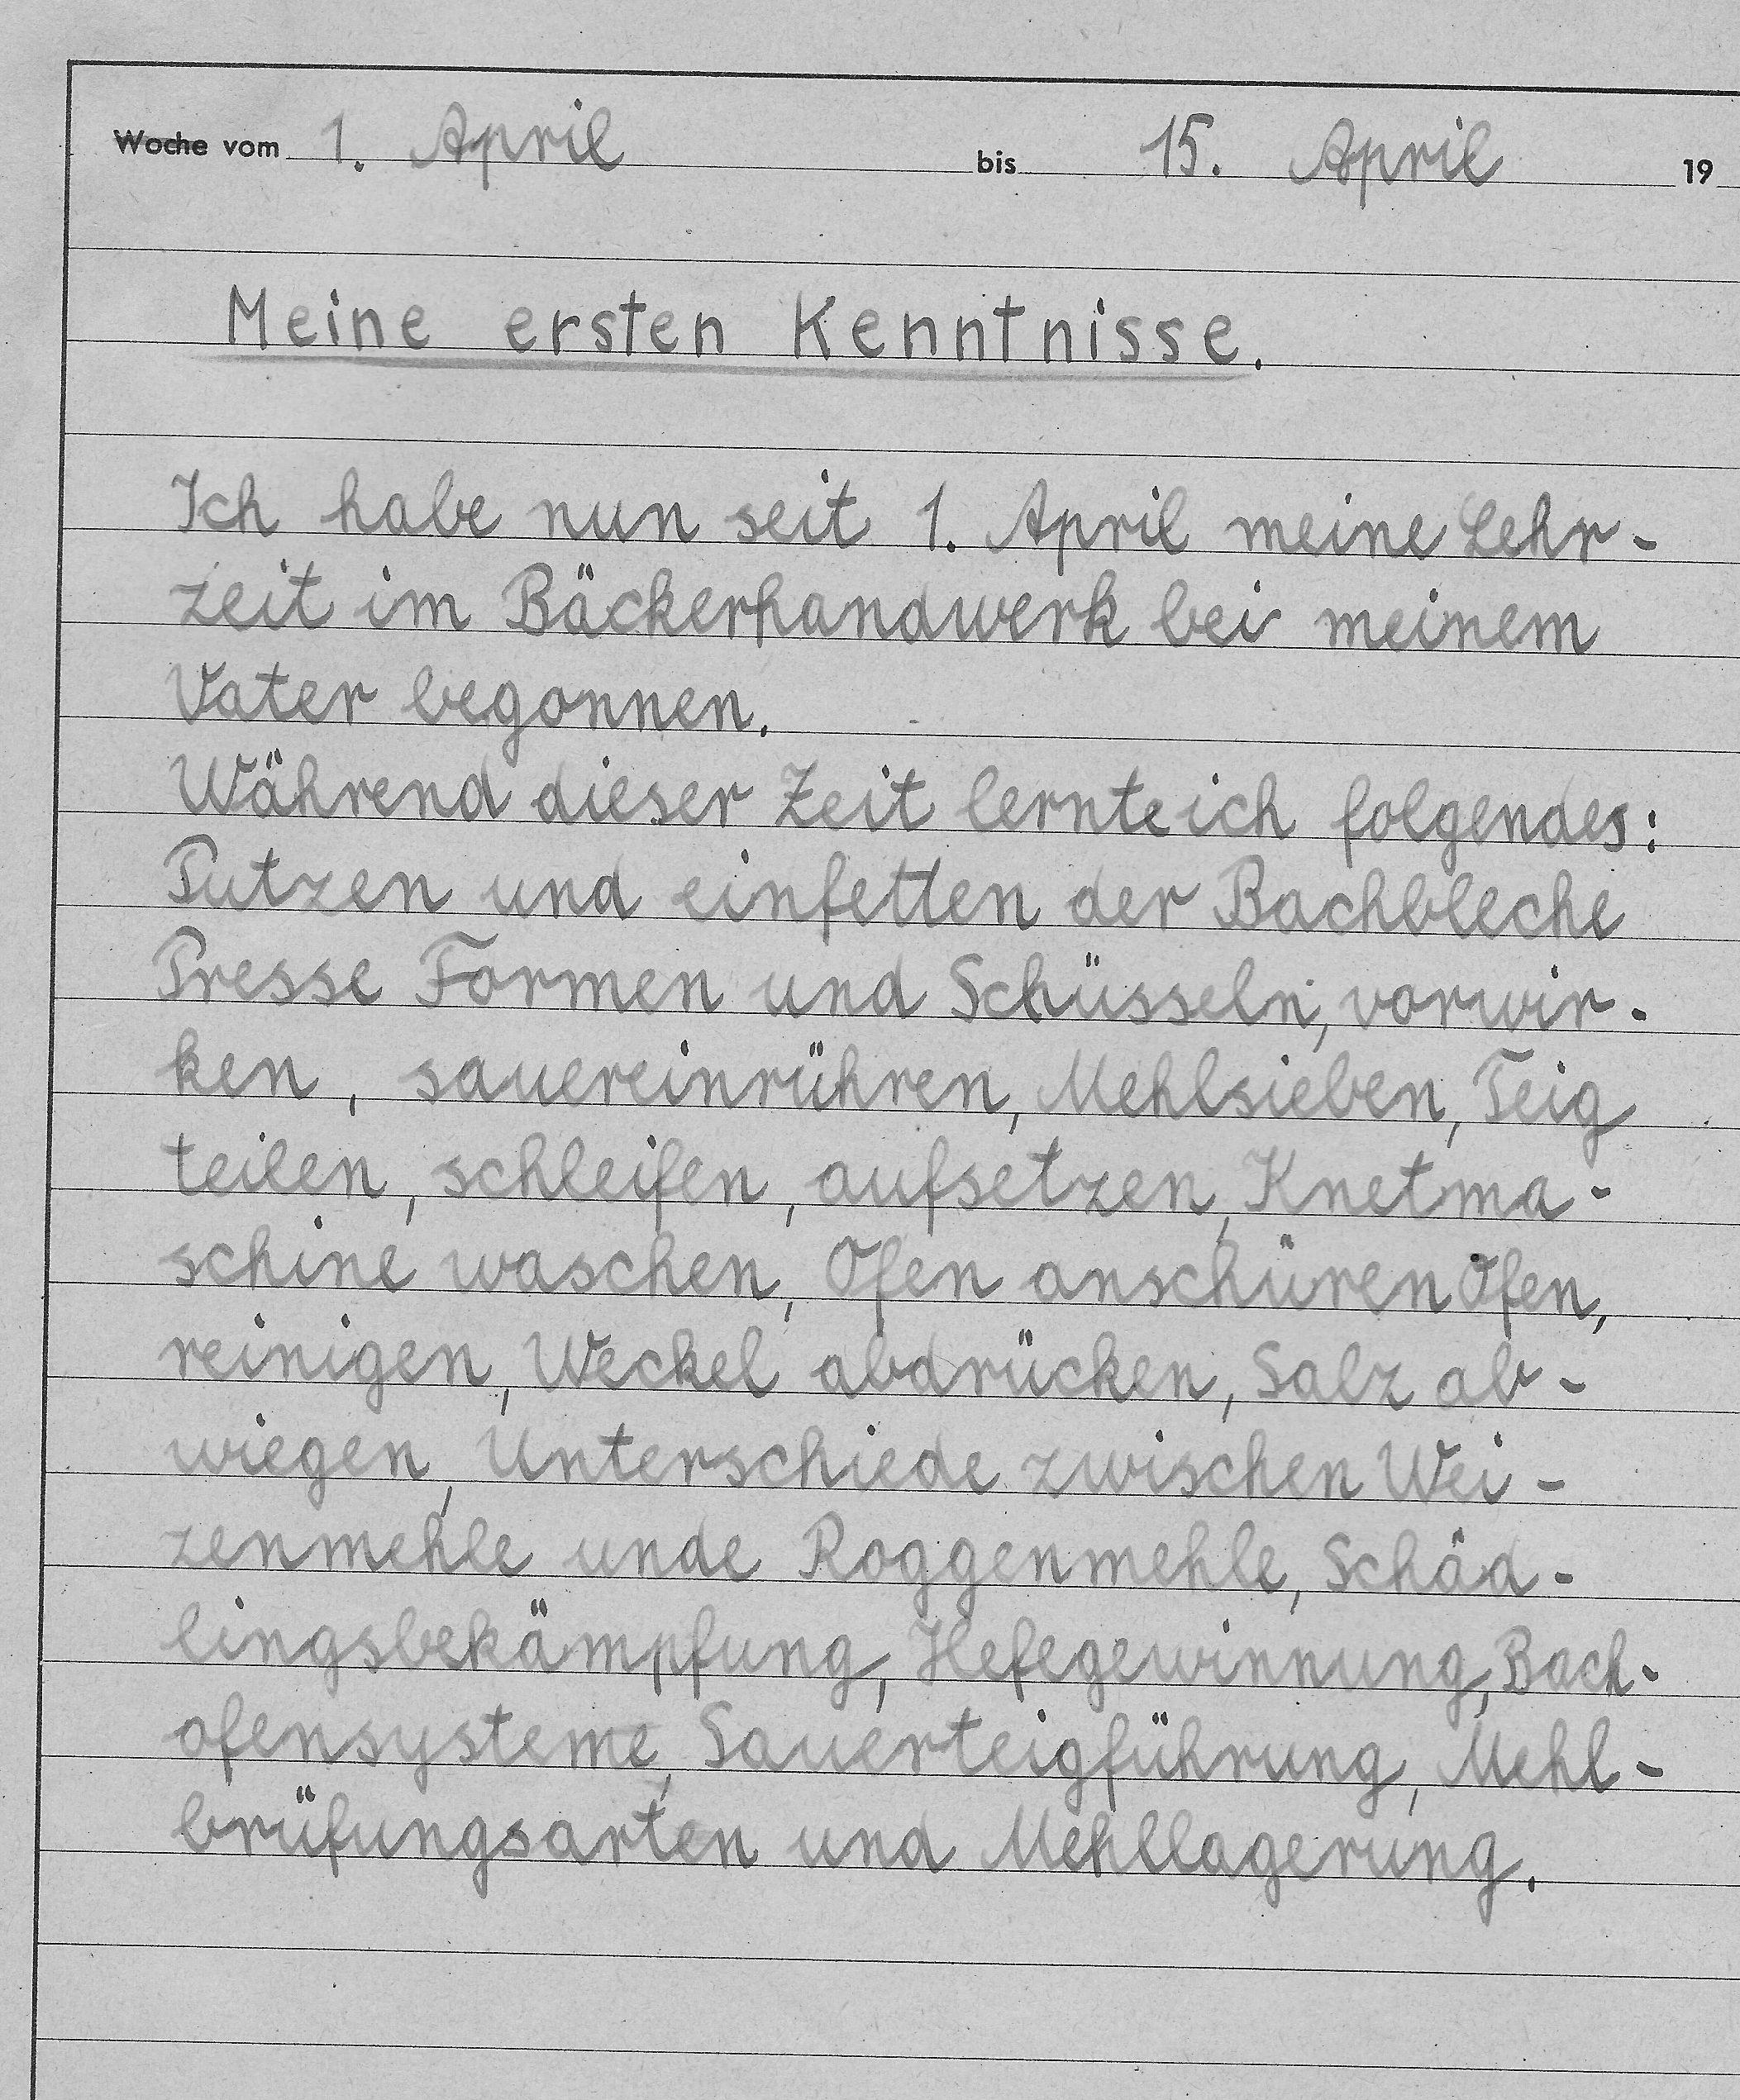 Werkstattwochenbuchs Riedle 1943